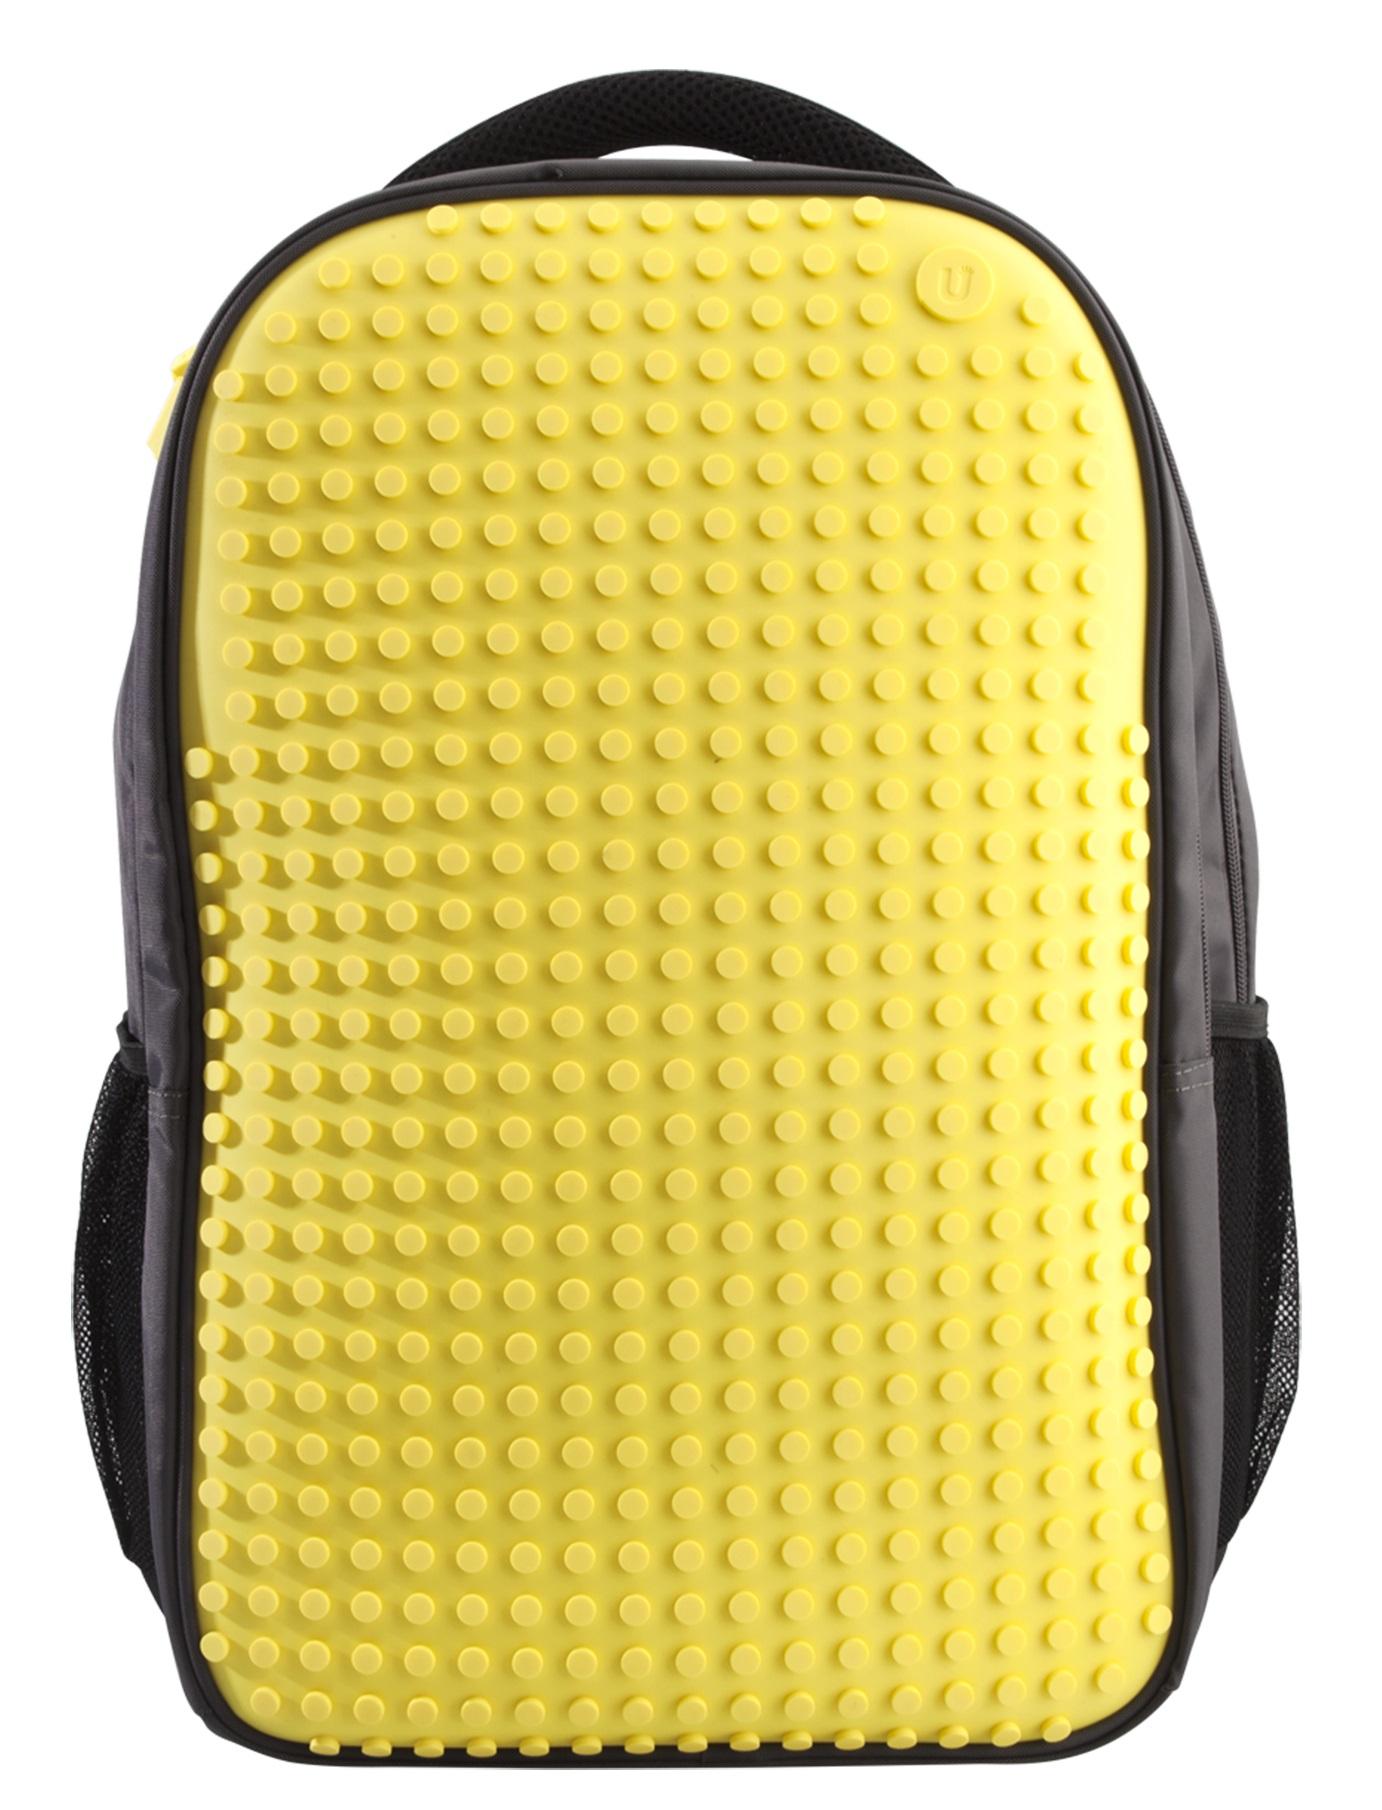 Пиксельный рюкзак для ноутбука (Full Screen Biz Backpack/Laptop bag) WY-A009 (Желтый)Представляем вашему вниманию пиксельный рюкзак для ноутбука (Full Screen Biz Backpack/Laptop bag) WY-A009, имеющий силиконовую панель, на которой с помощью «пикселей» в виде мозаики выкладывается абсолютно любой рисунок.<br>